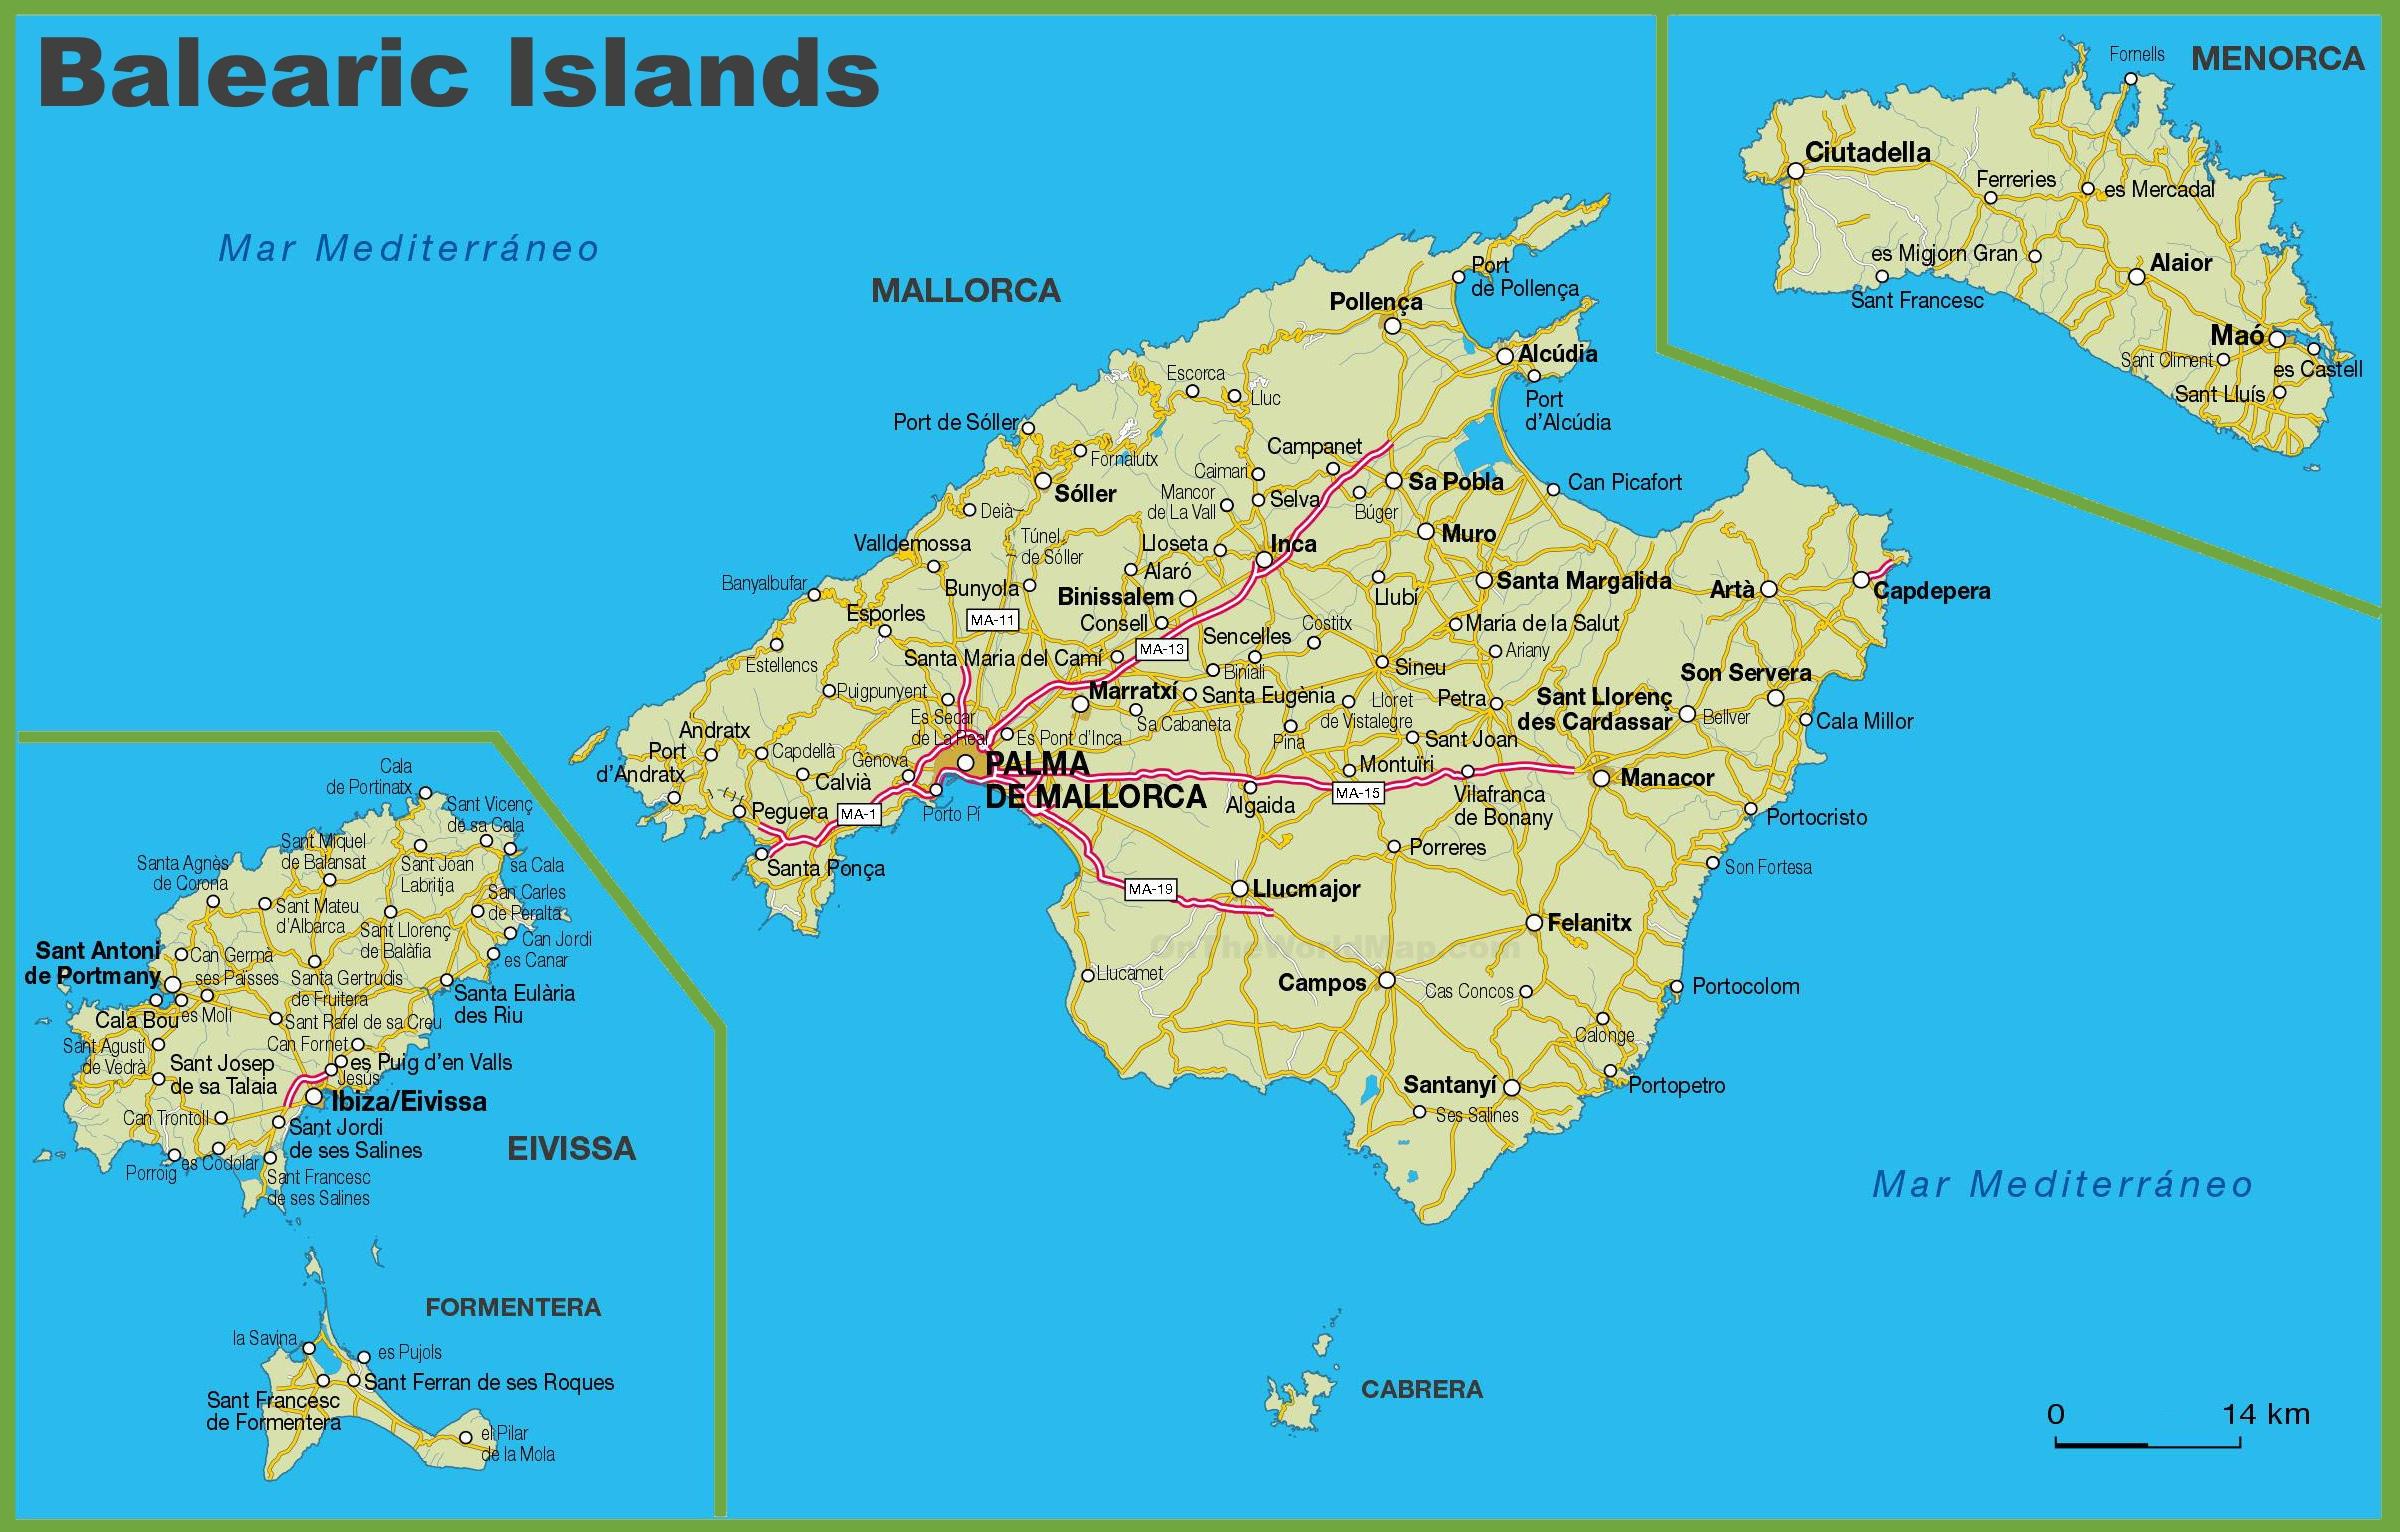 Map Of Balearic Islands Balearic Islands road map Map Of Balearic Islands